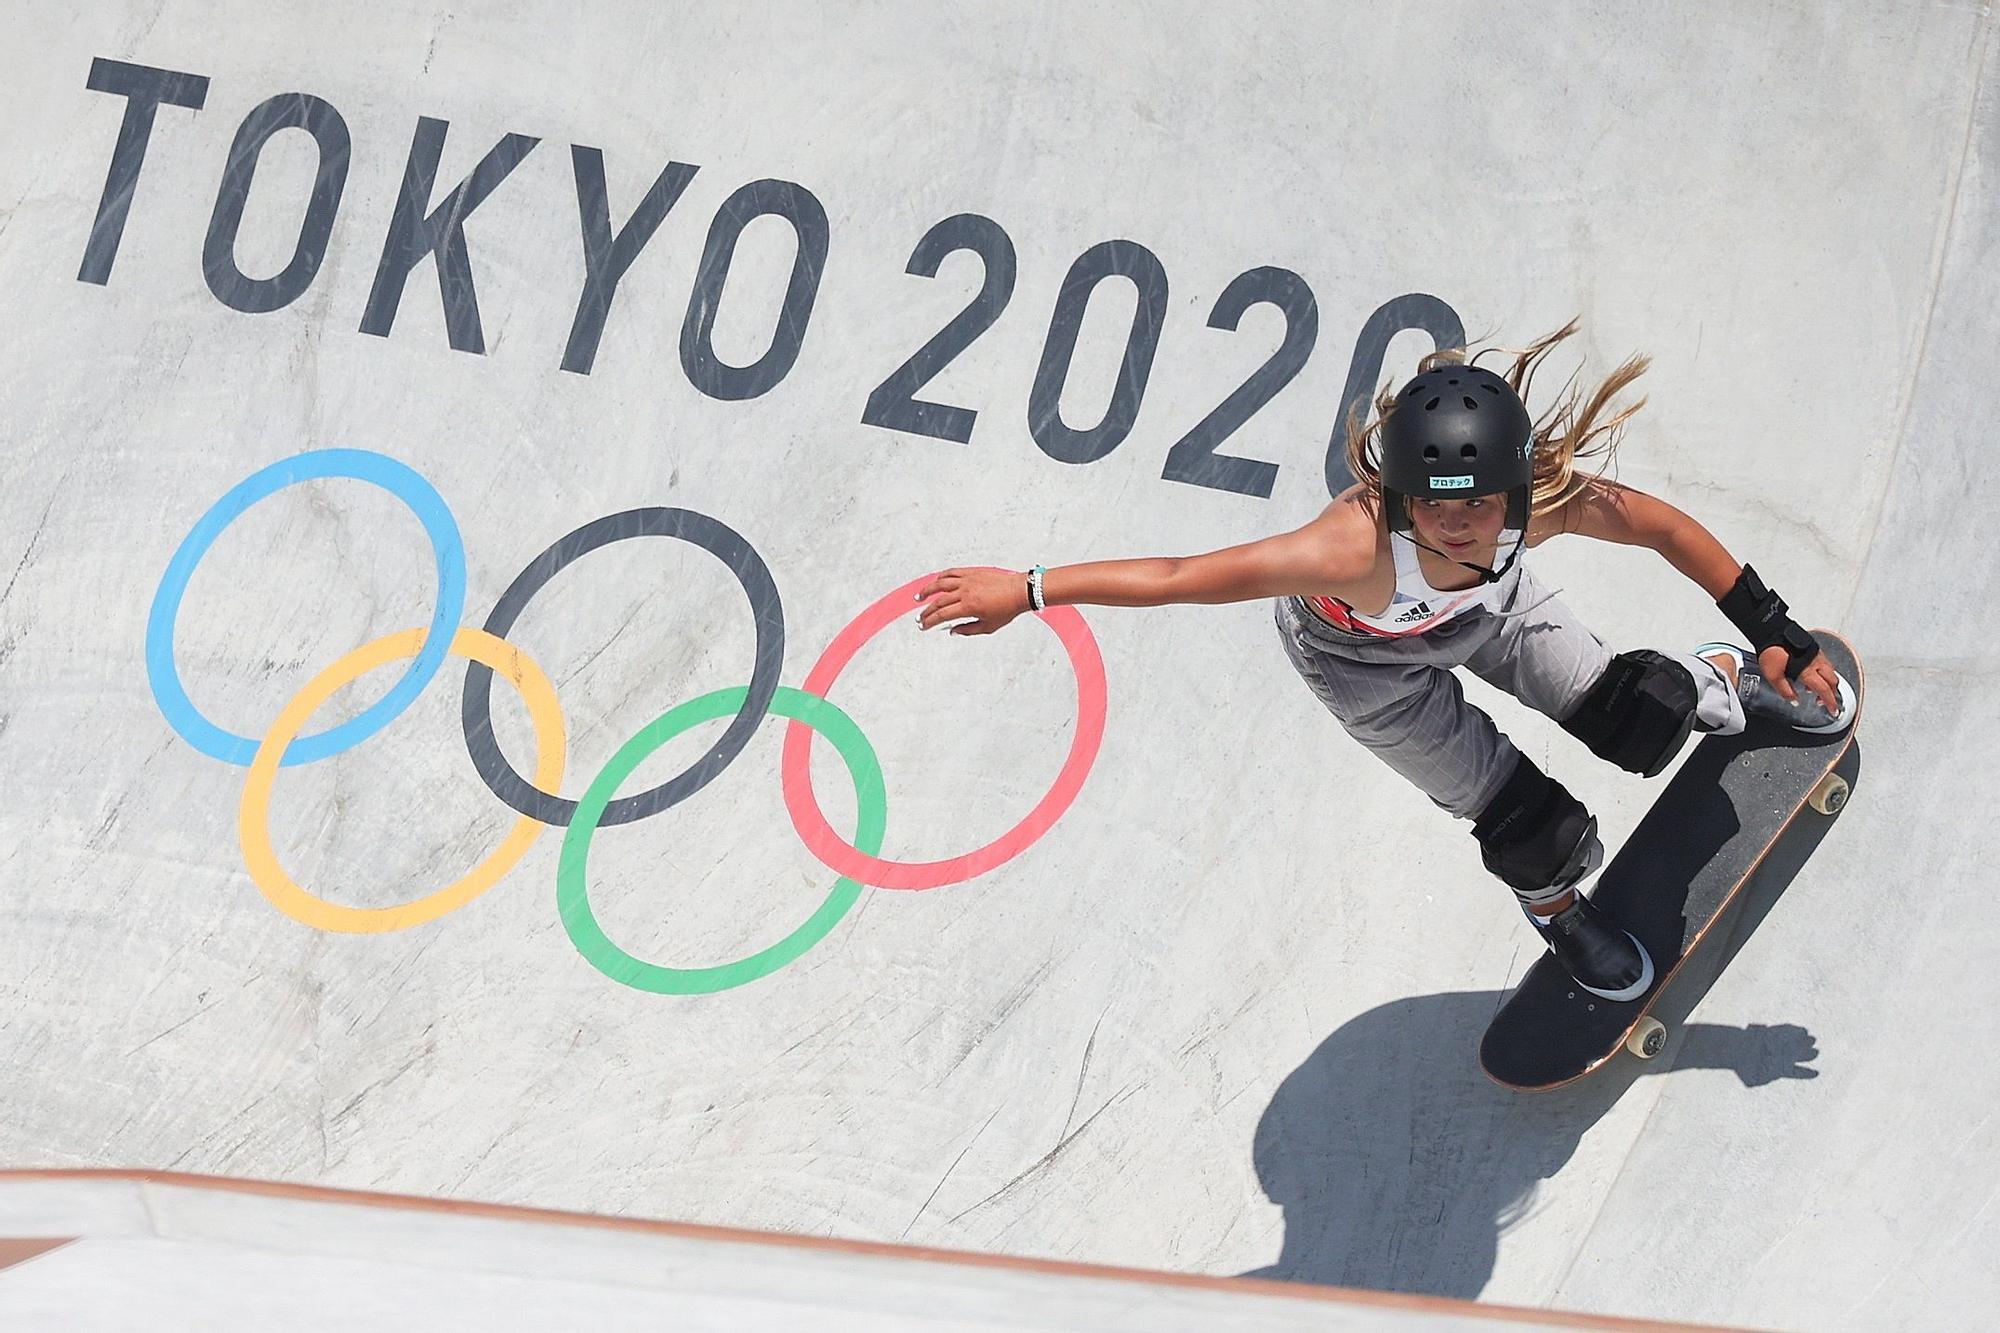 Tokio 2020, la jornada del 4 de agosto en imágenes